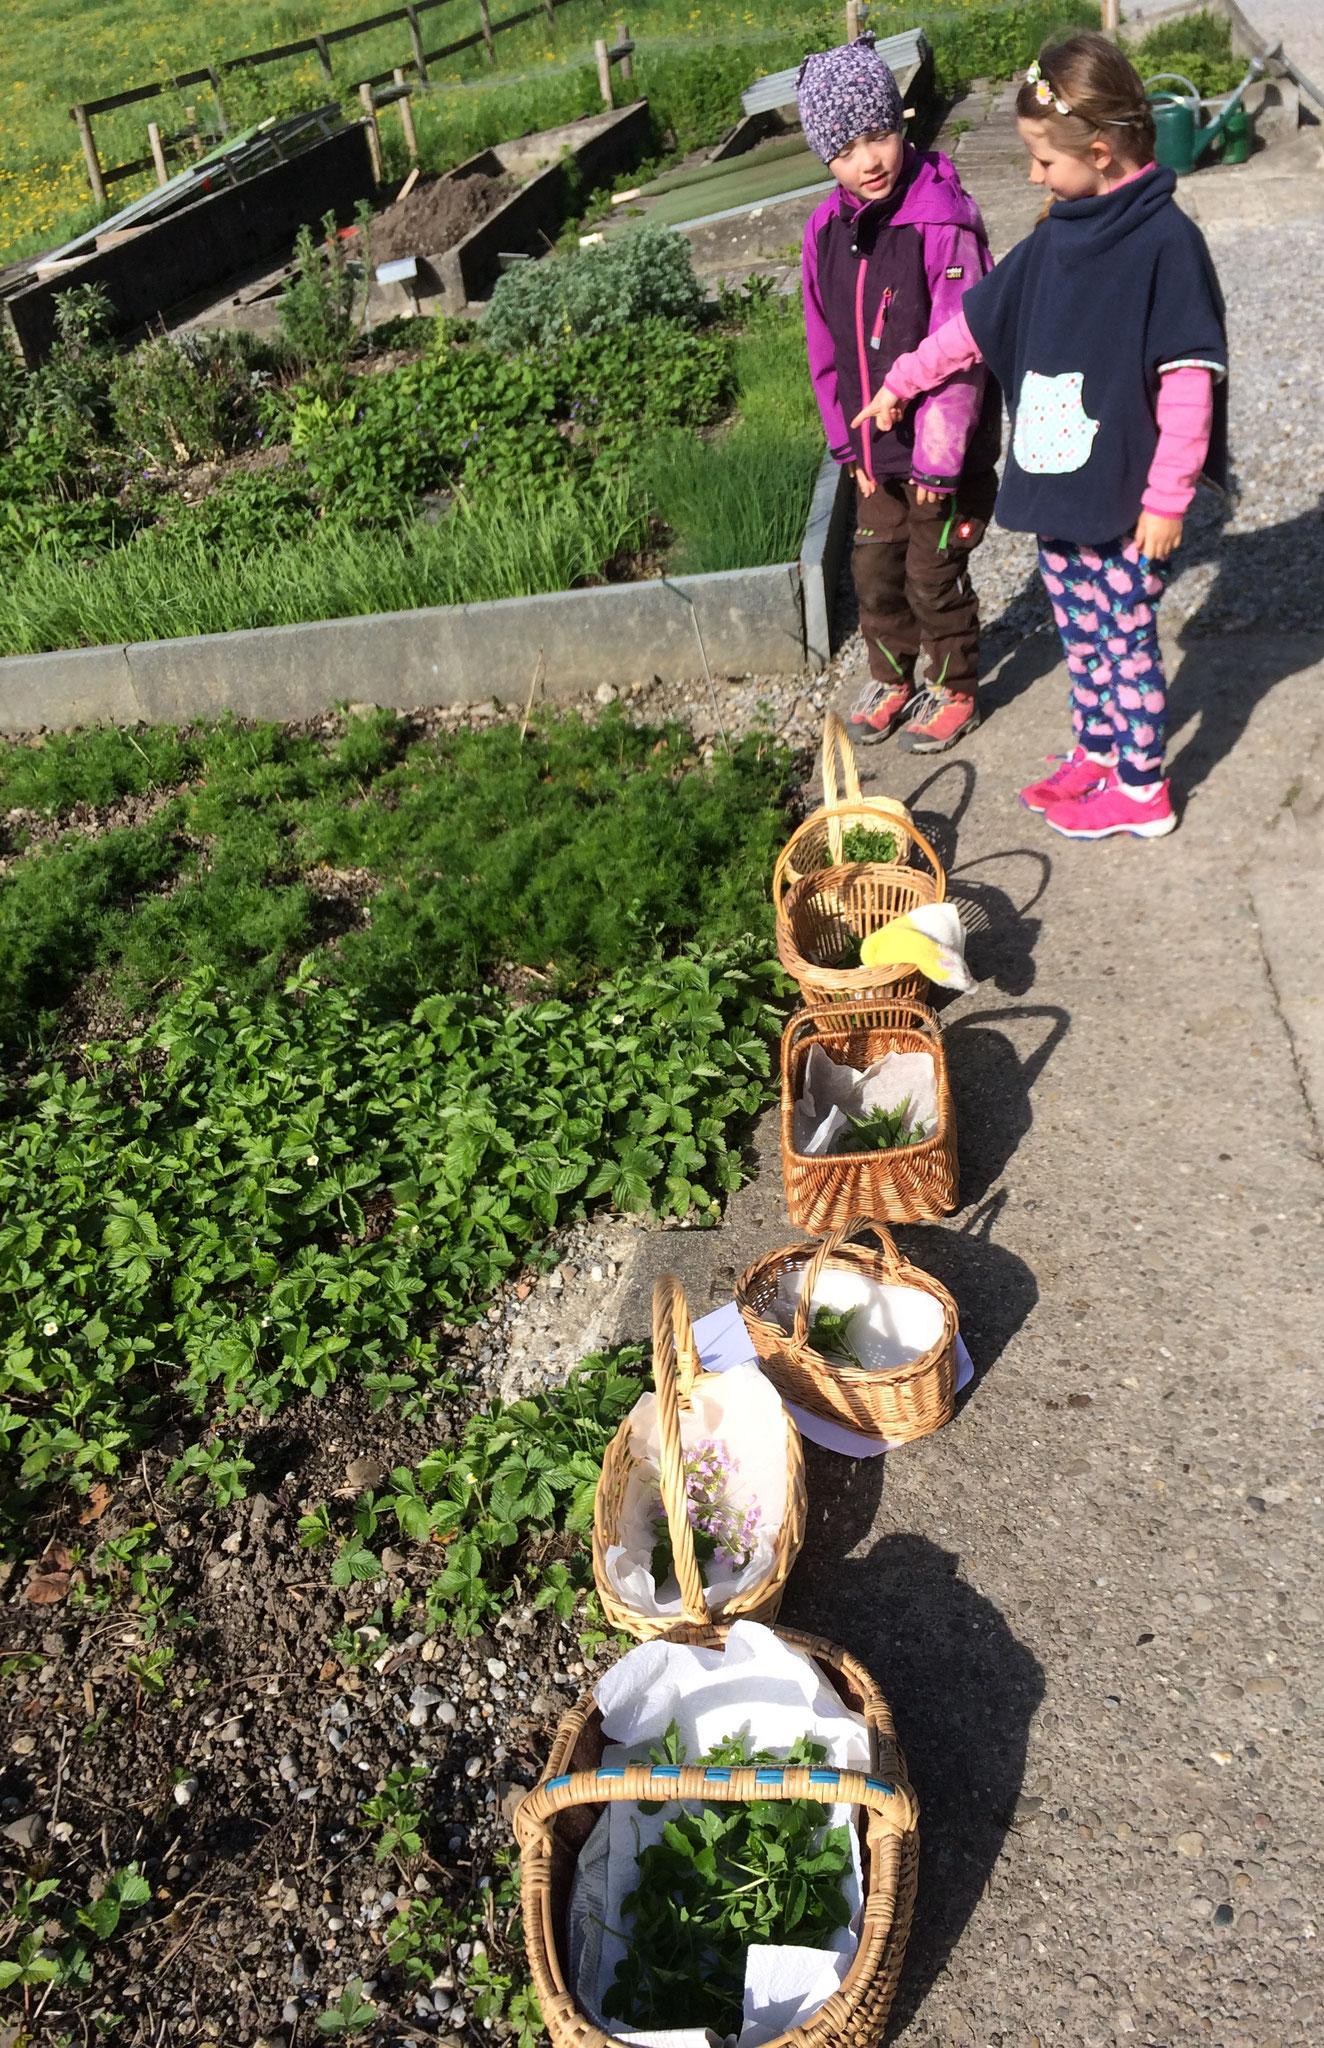 Die Körbe stehen bereit zum Kräuter sammeln